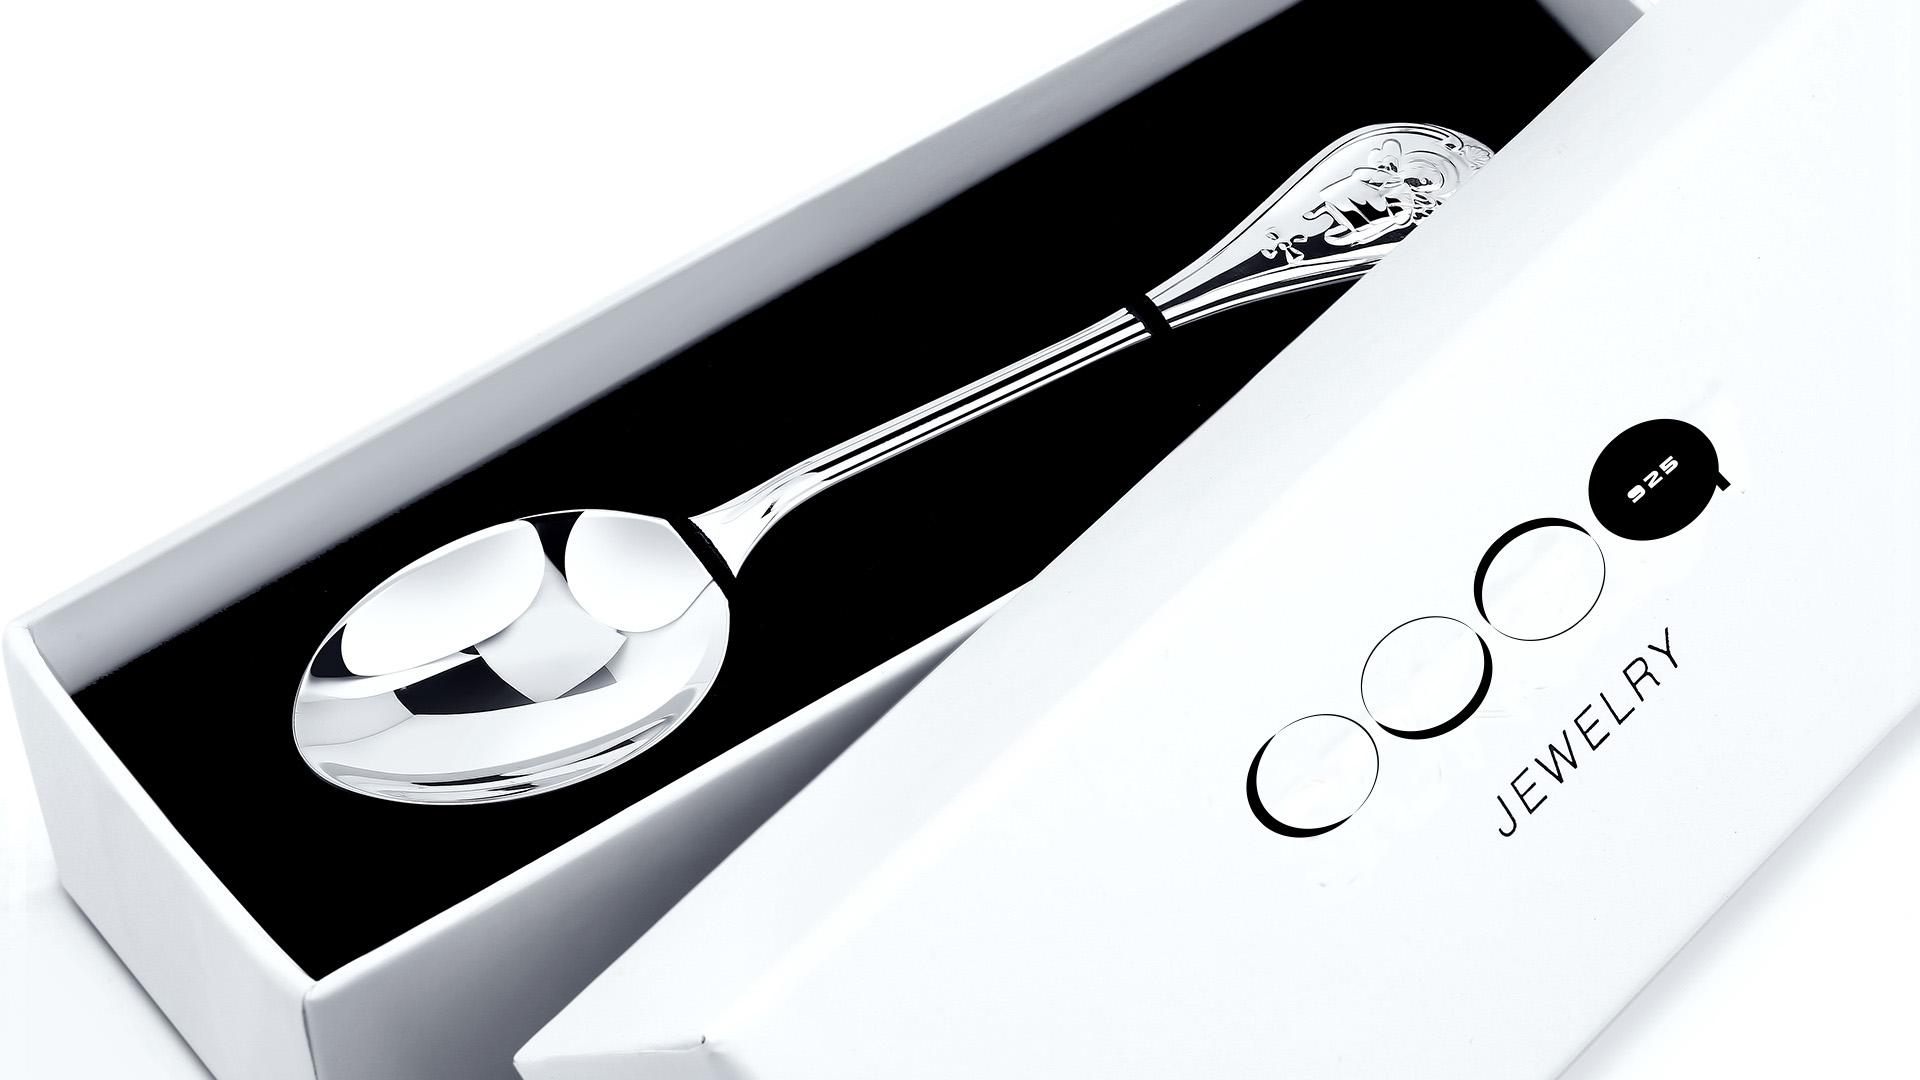 Логотип для столового серебра и посуды из серебра фото f_3435baf7f1ad864e.jpg